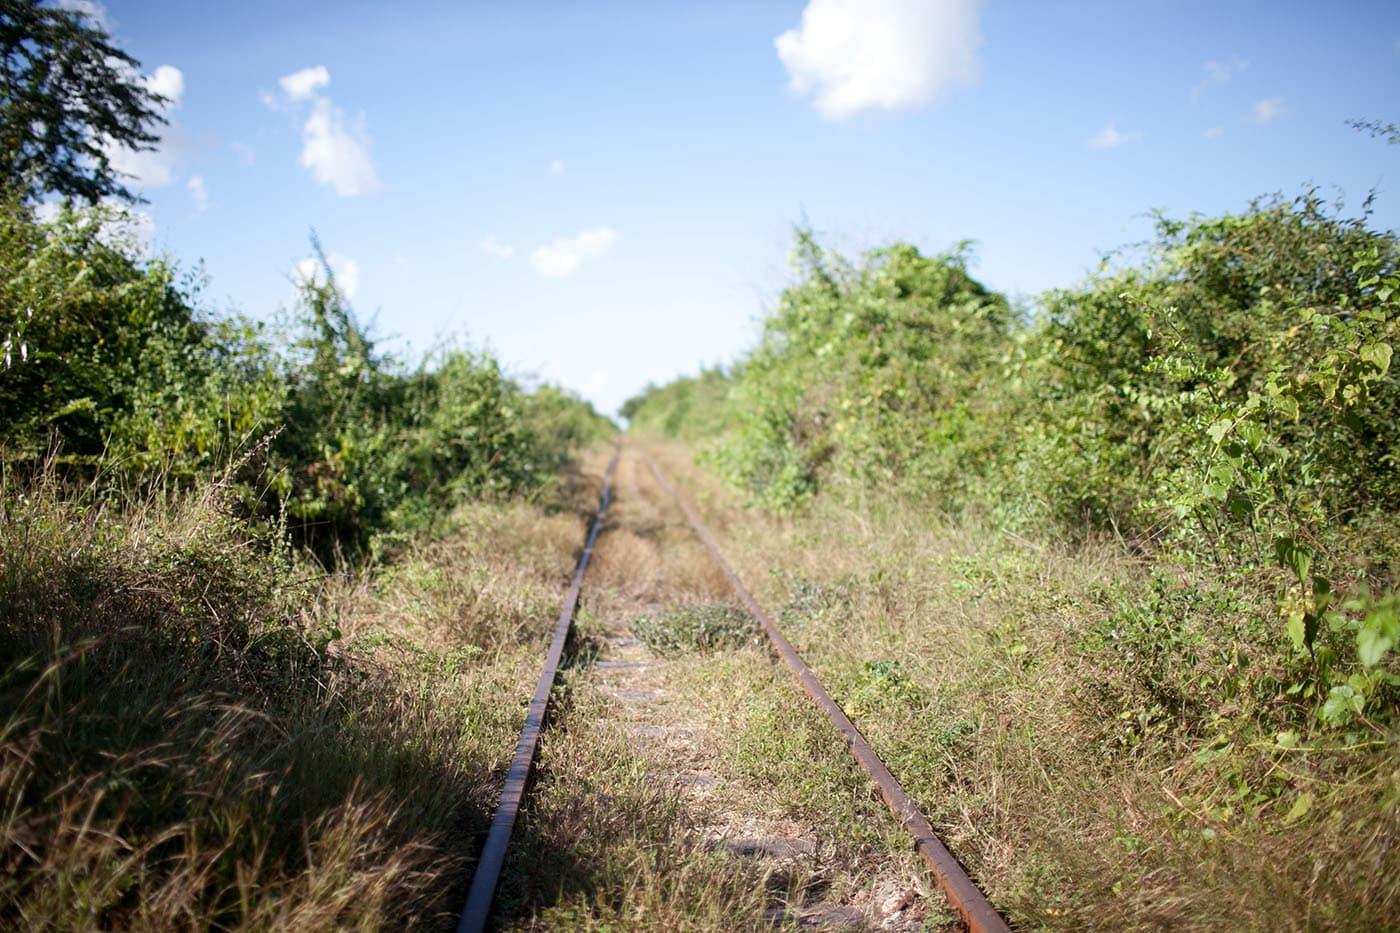 Riding the bamboo railroad in Battambang, Cambodia